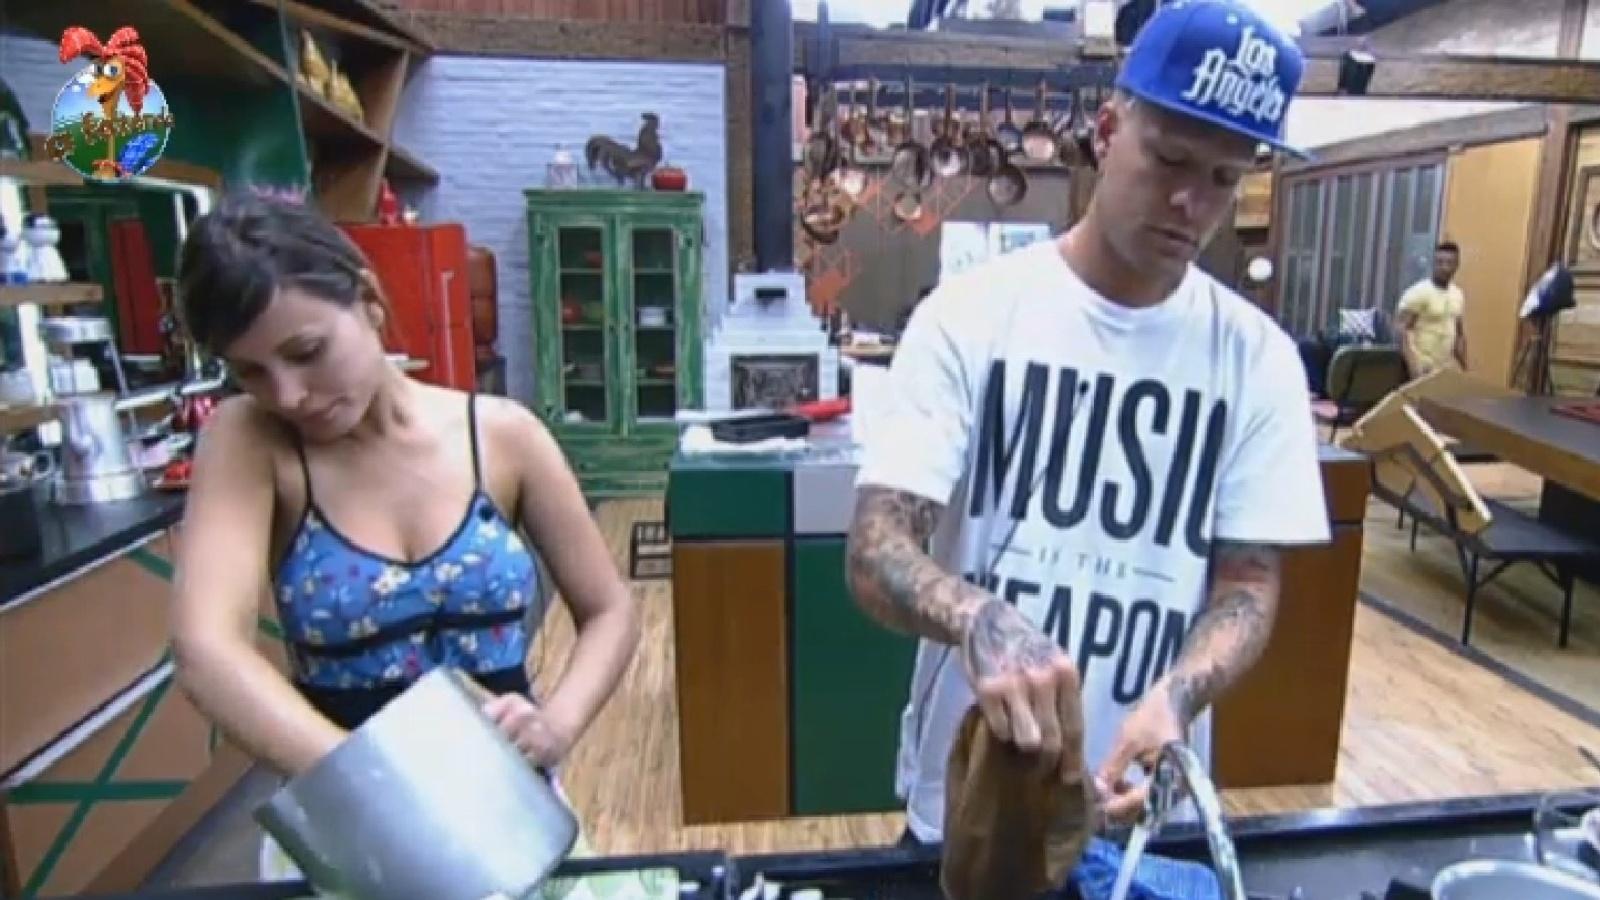 4.ago.2013 - Andressa urach e Mateus Verdelho lavam a louça na manhã deste domingo